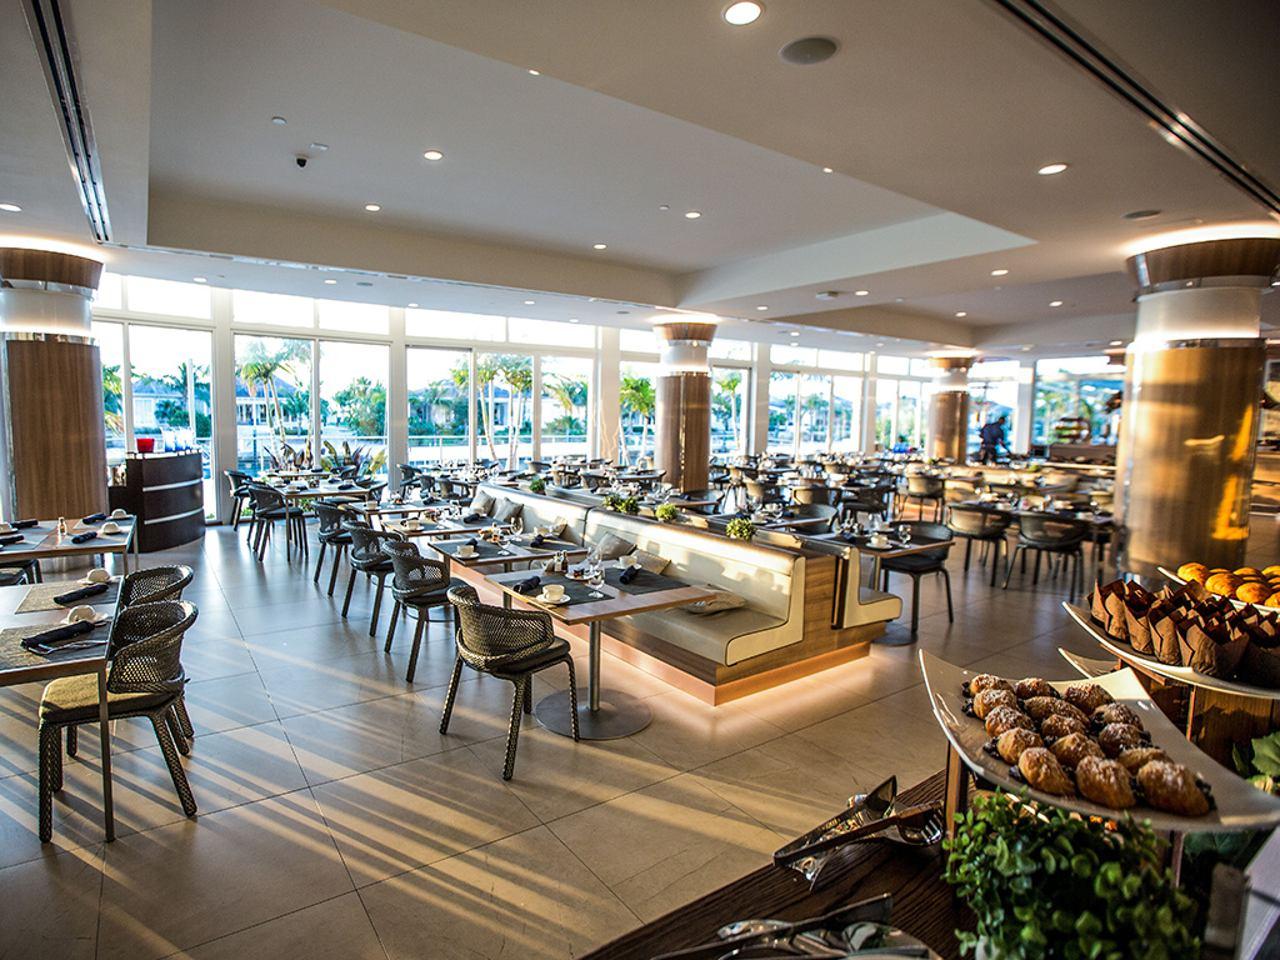 Hilton Bimini Bahamas - restaurant